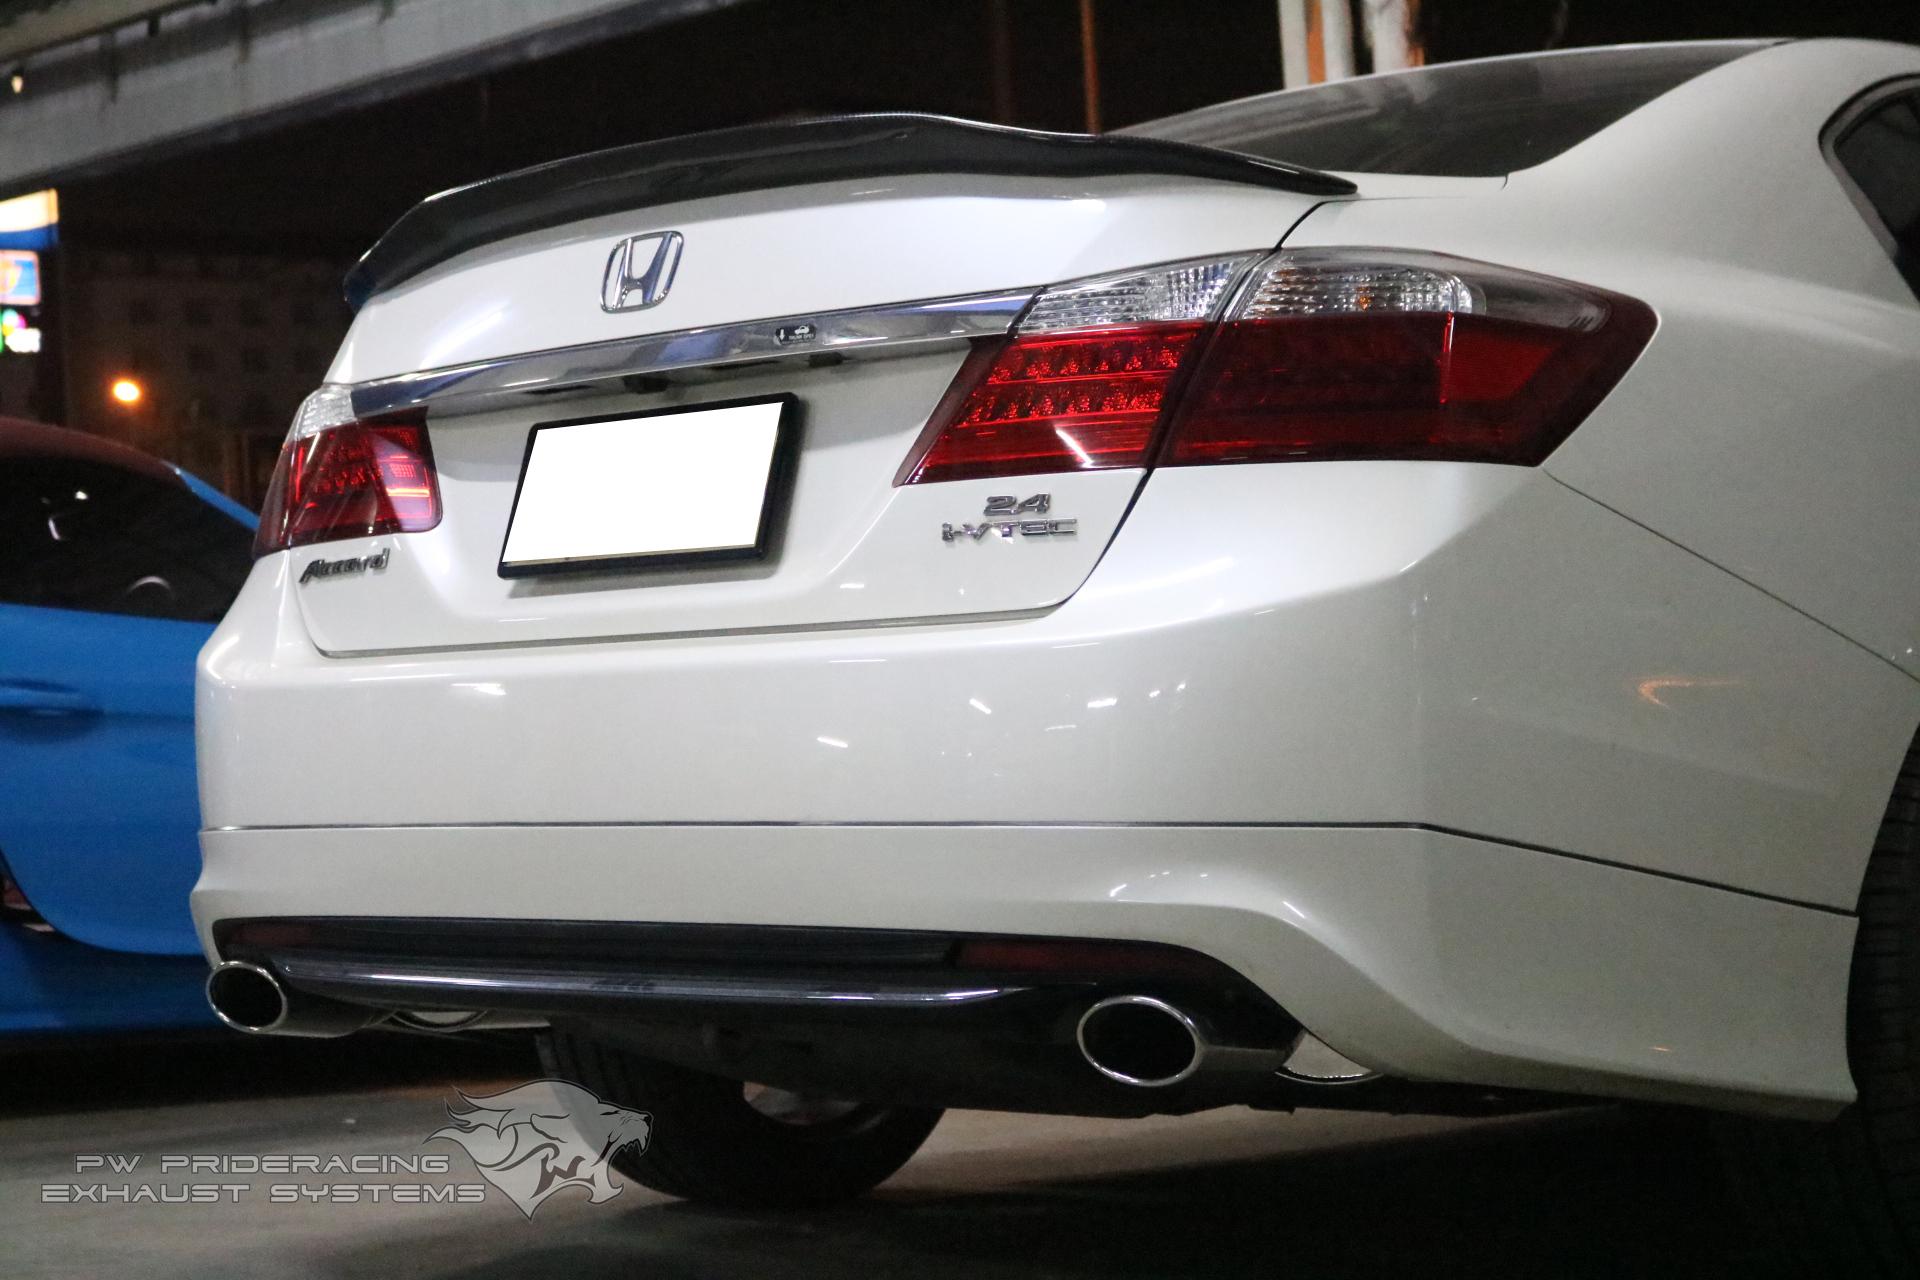 ชุดท่อไอเสีย Honda Accord G9